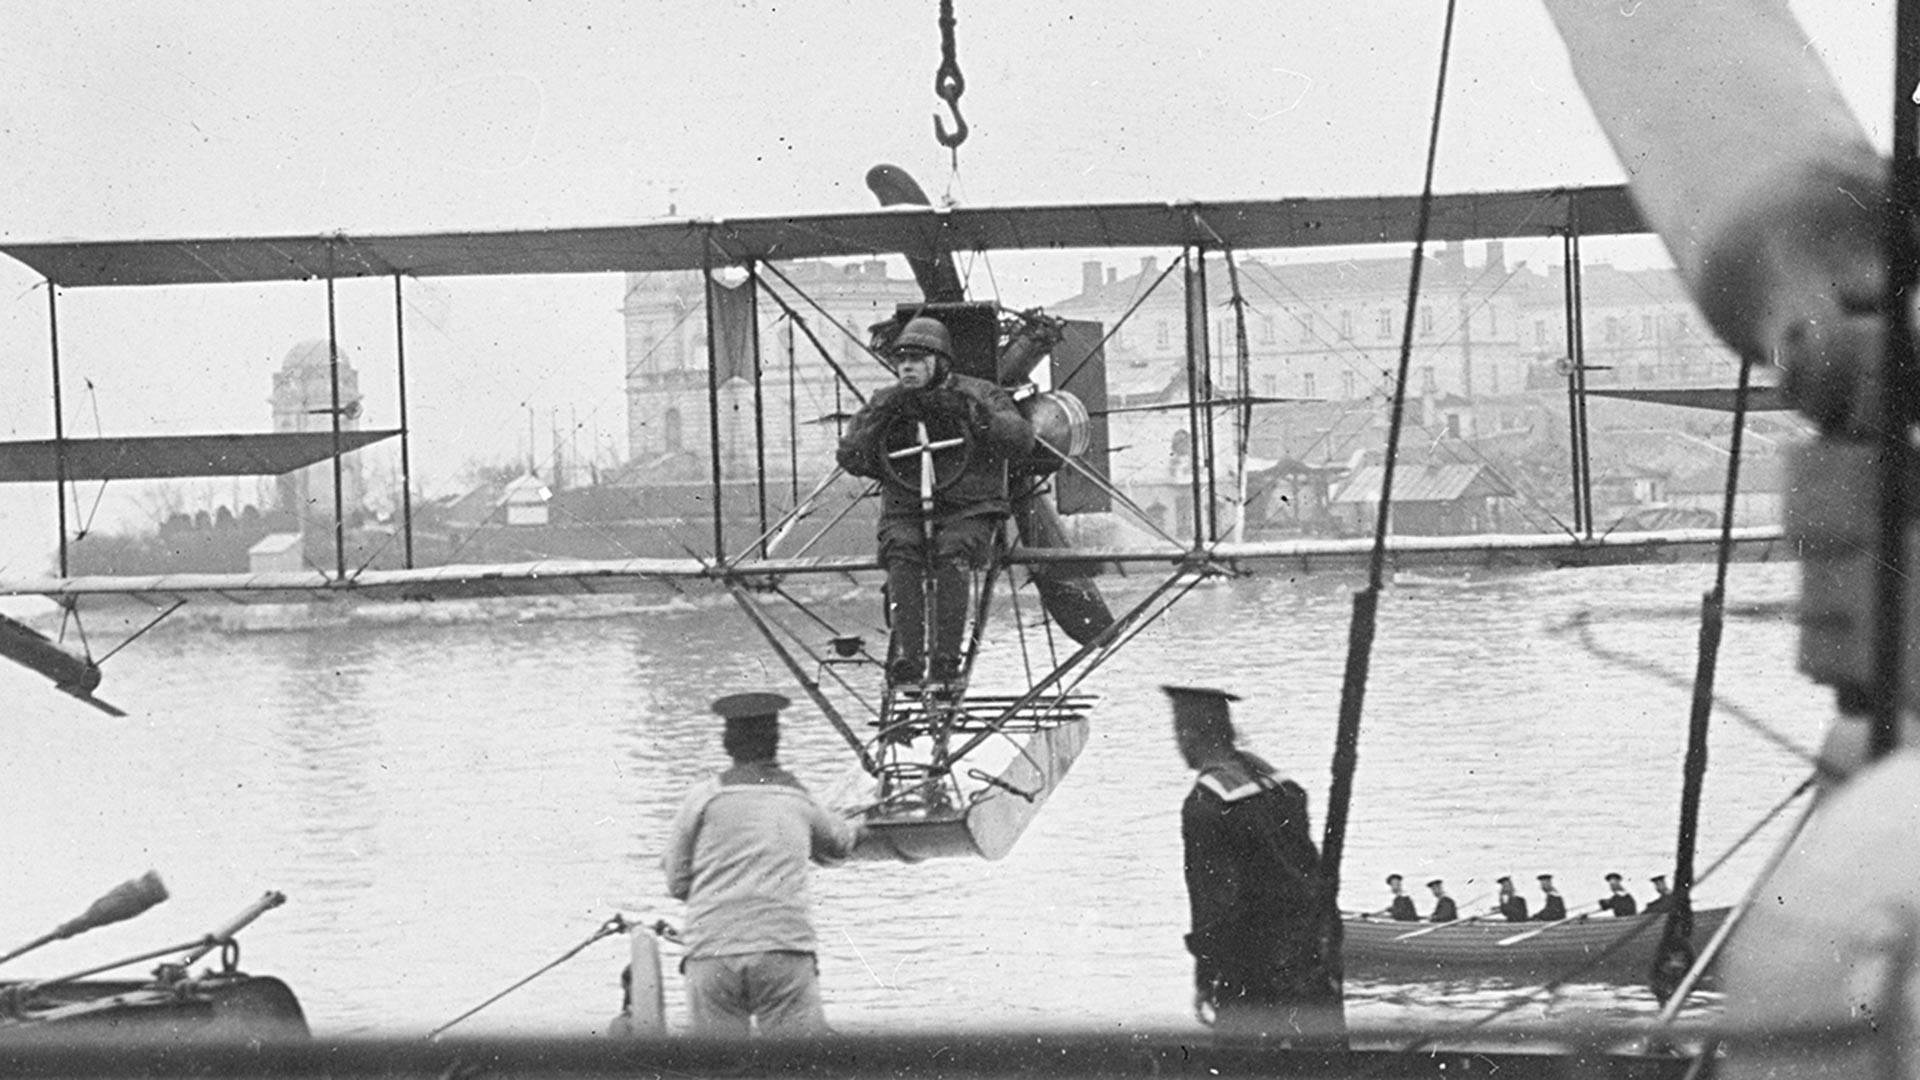 Hidroavião sendo carregado em porta-avião.